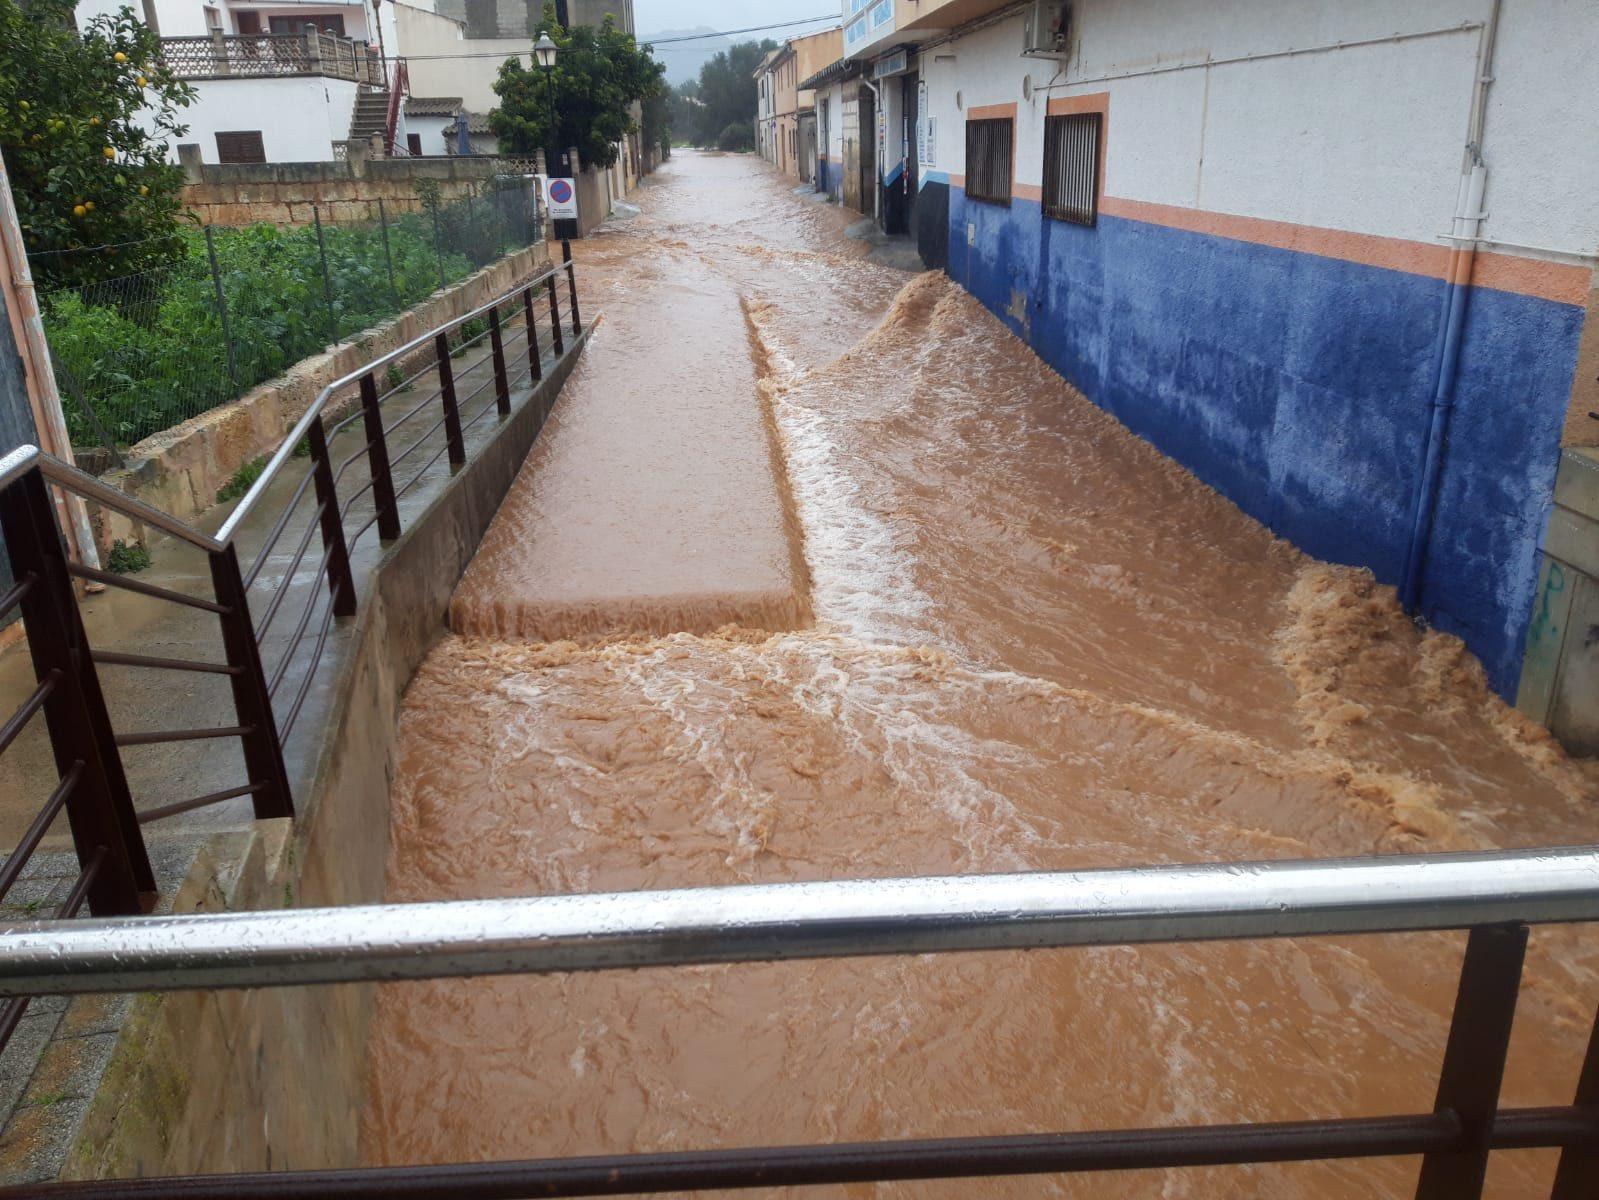 The torrente at Sant Llorenç